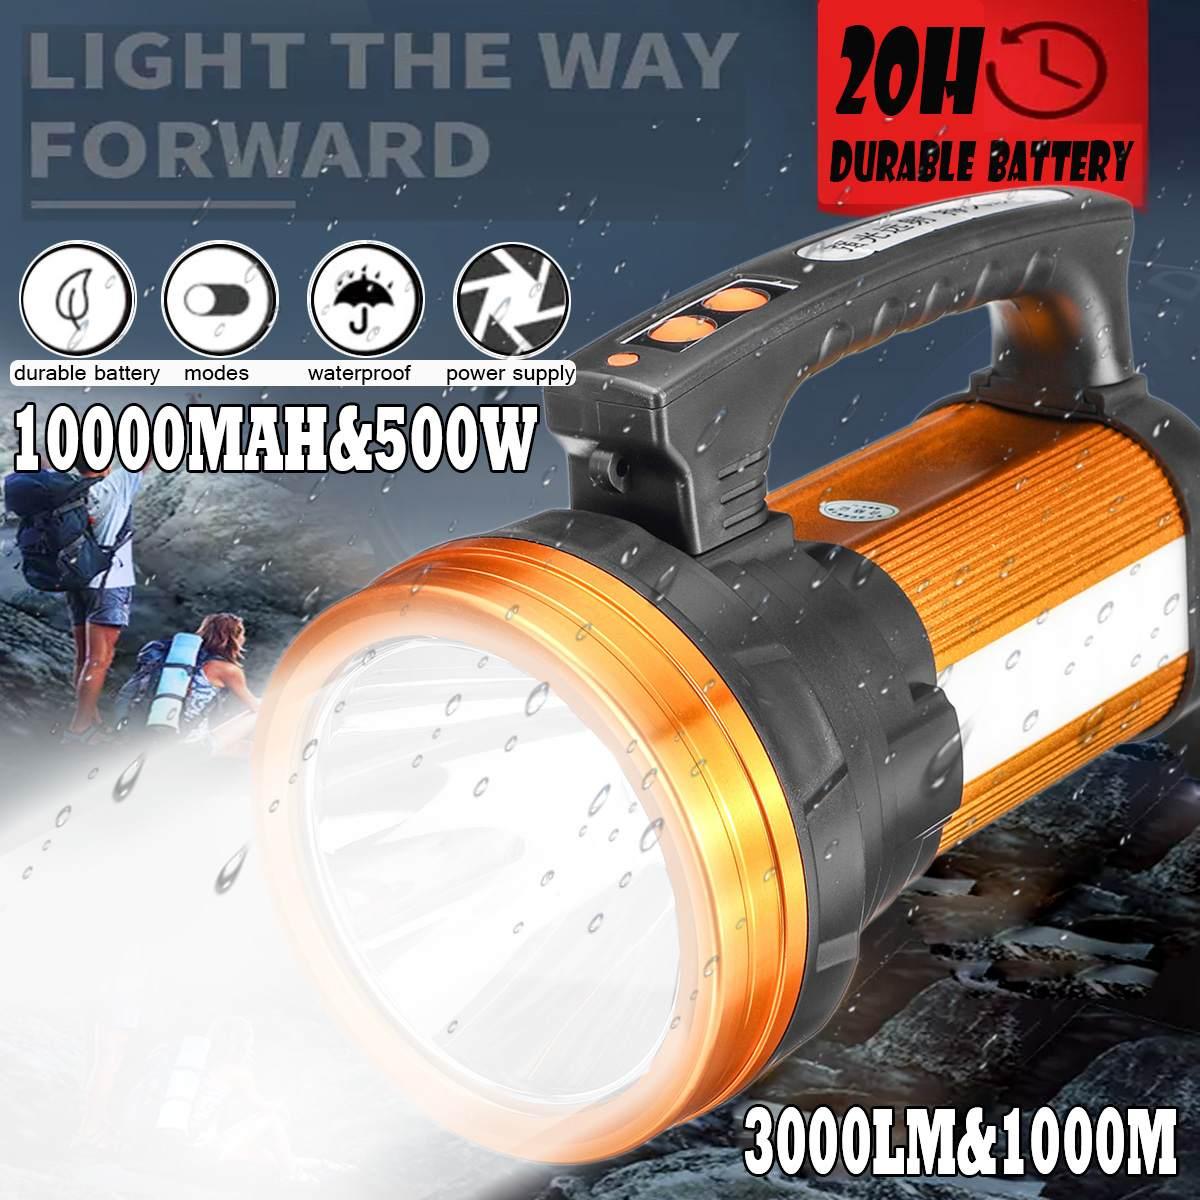 3000 Lumen 200W Super Bright HID Torch Searchlight Spotlight Flashlight Handheld